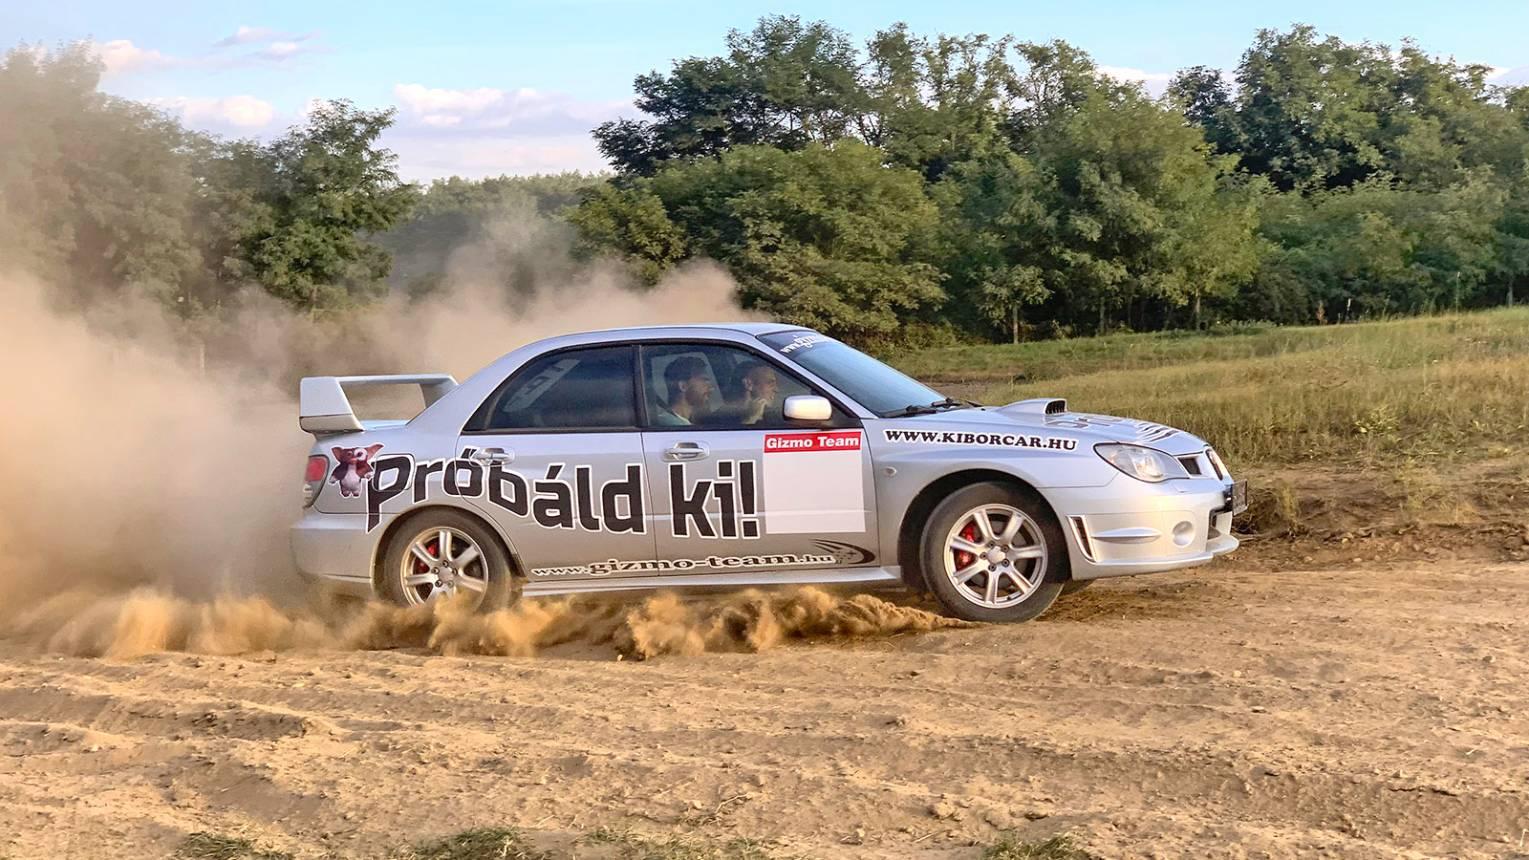 Subaru Imprezával rallyzás Nyíregyháza mellett